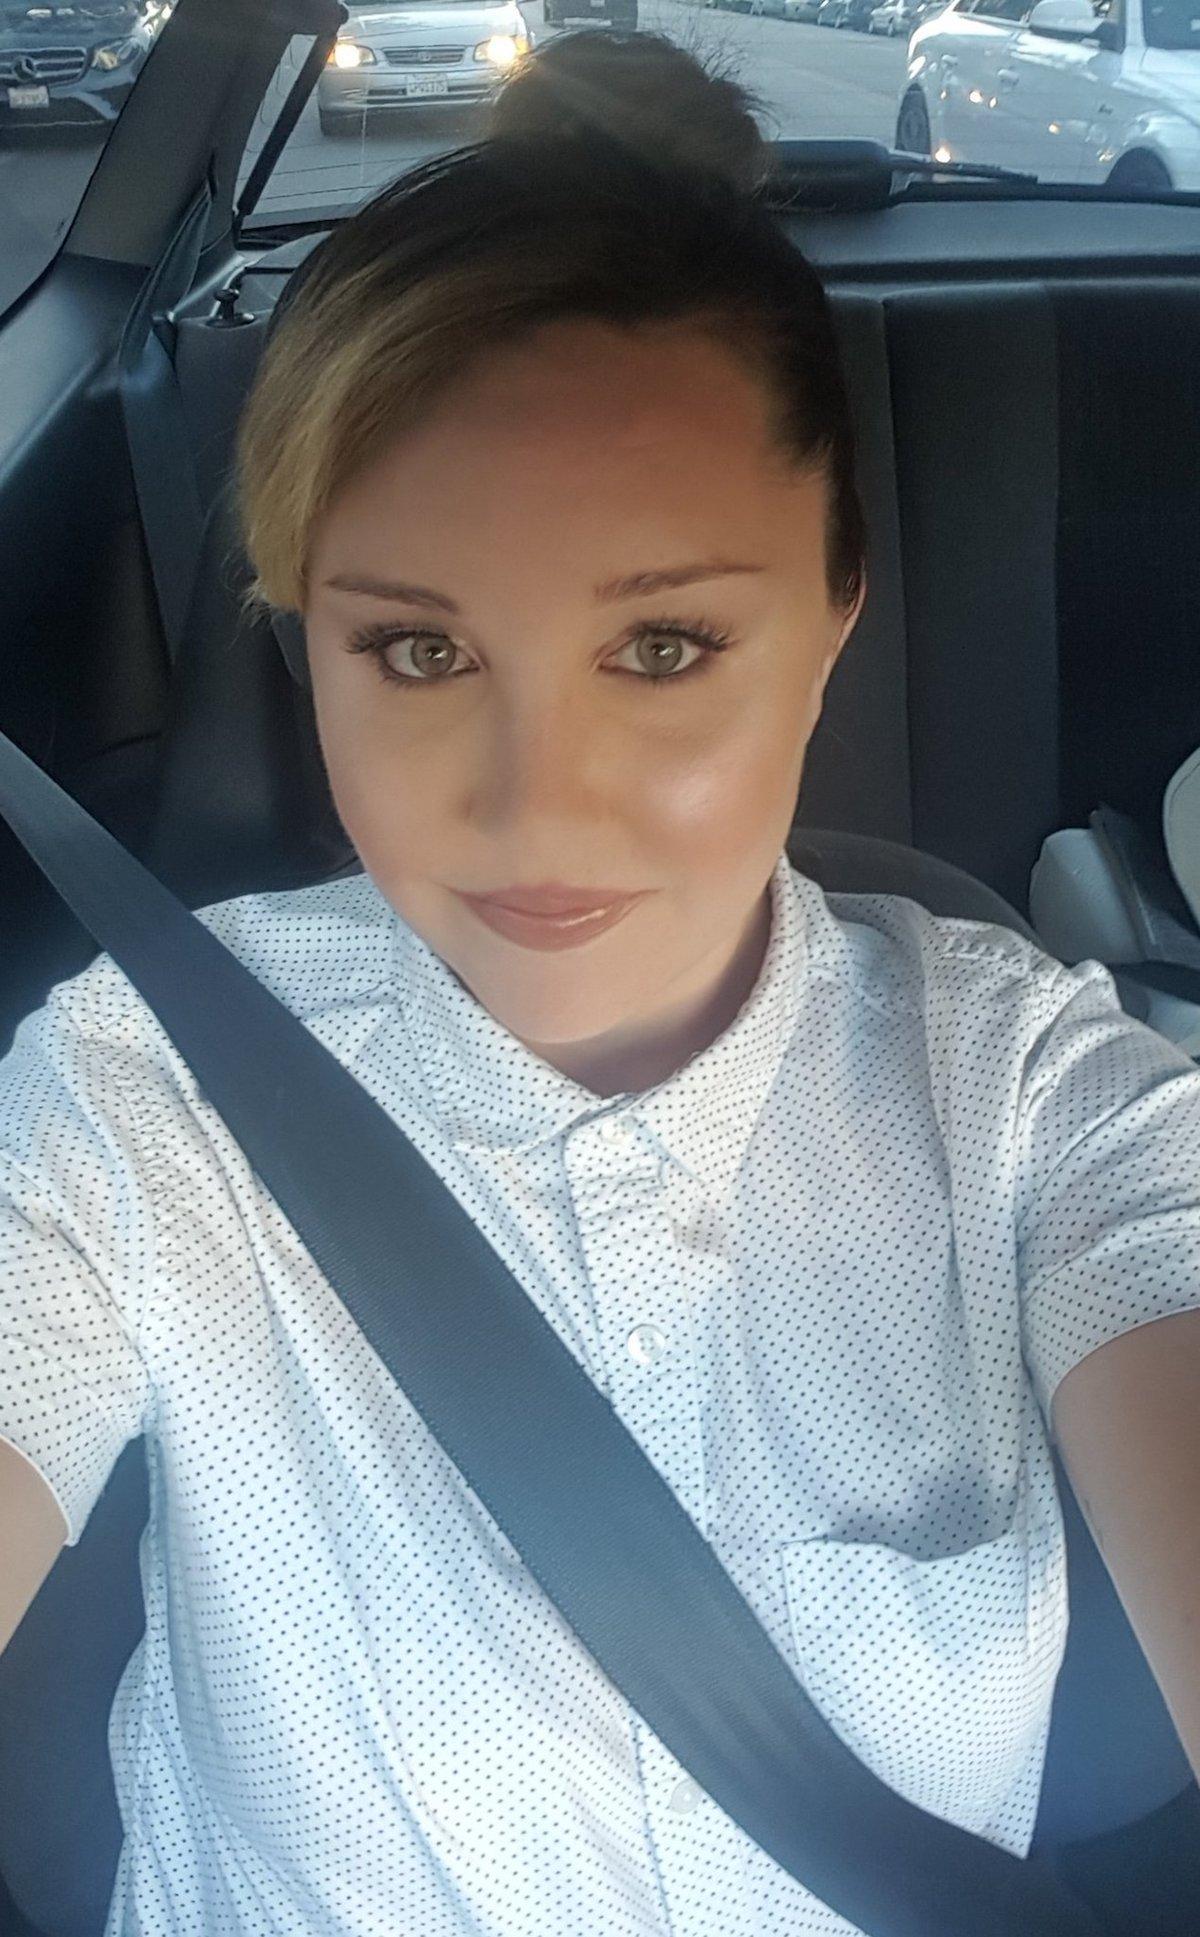 amanda-bynes-selfie-twitter-1536679749256-1536679751478.jpg